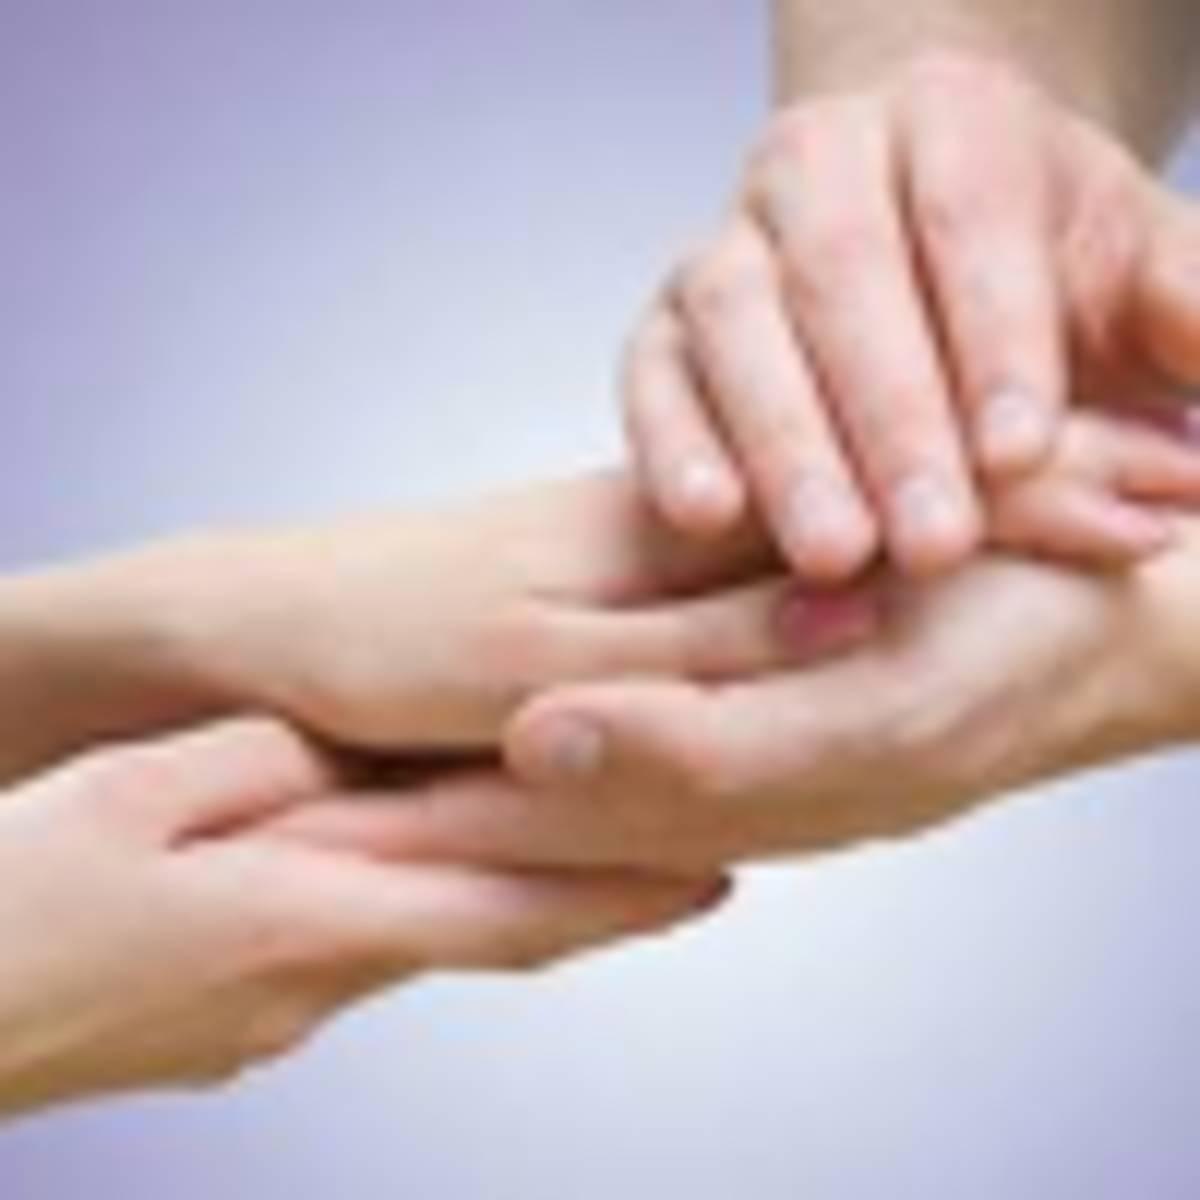 Toucher thérapeutique avec Hannes Jacob - Centre Prévention Santé Colombier